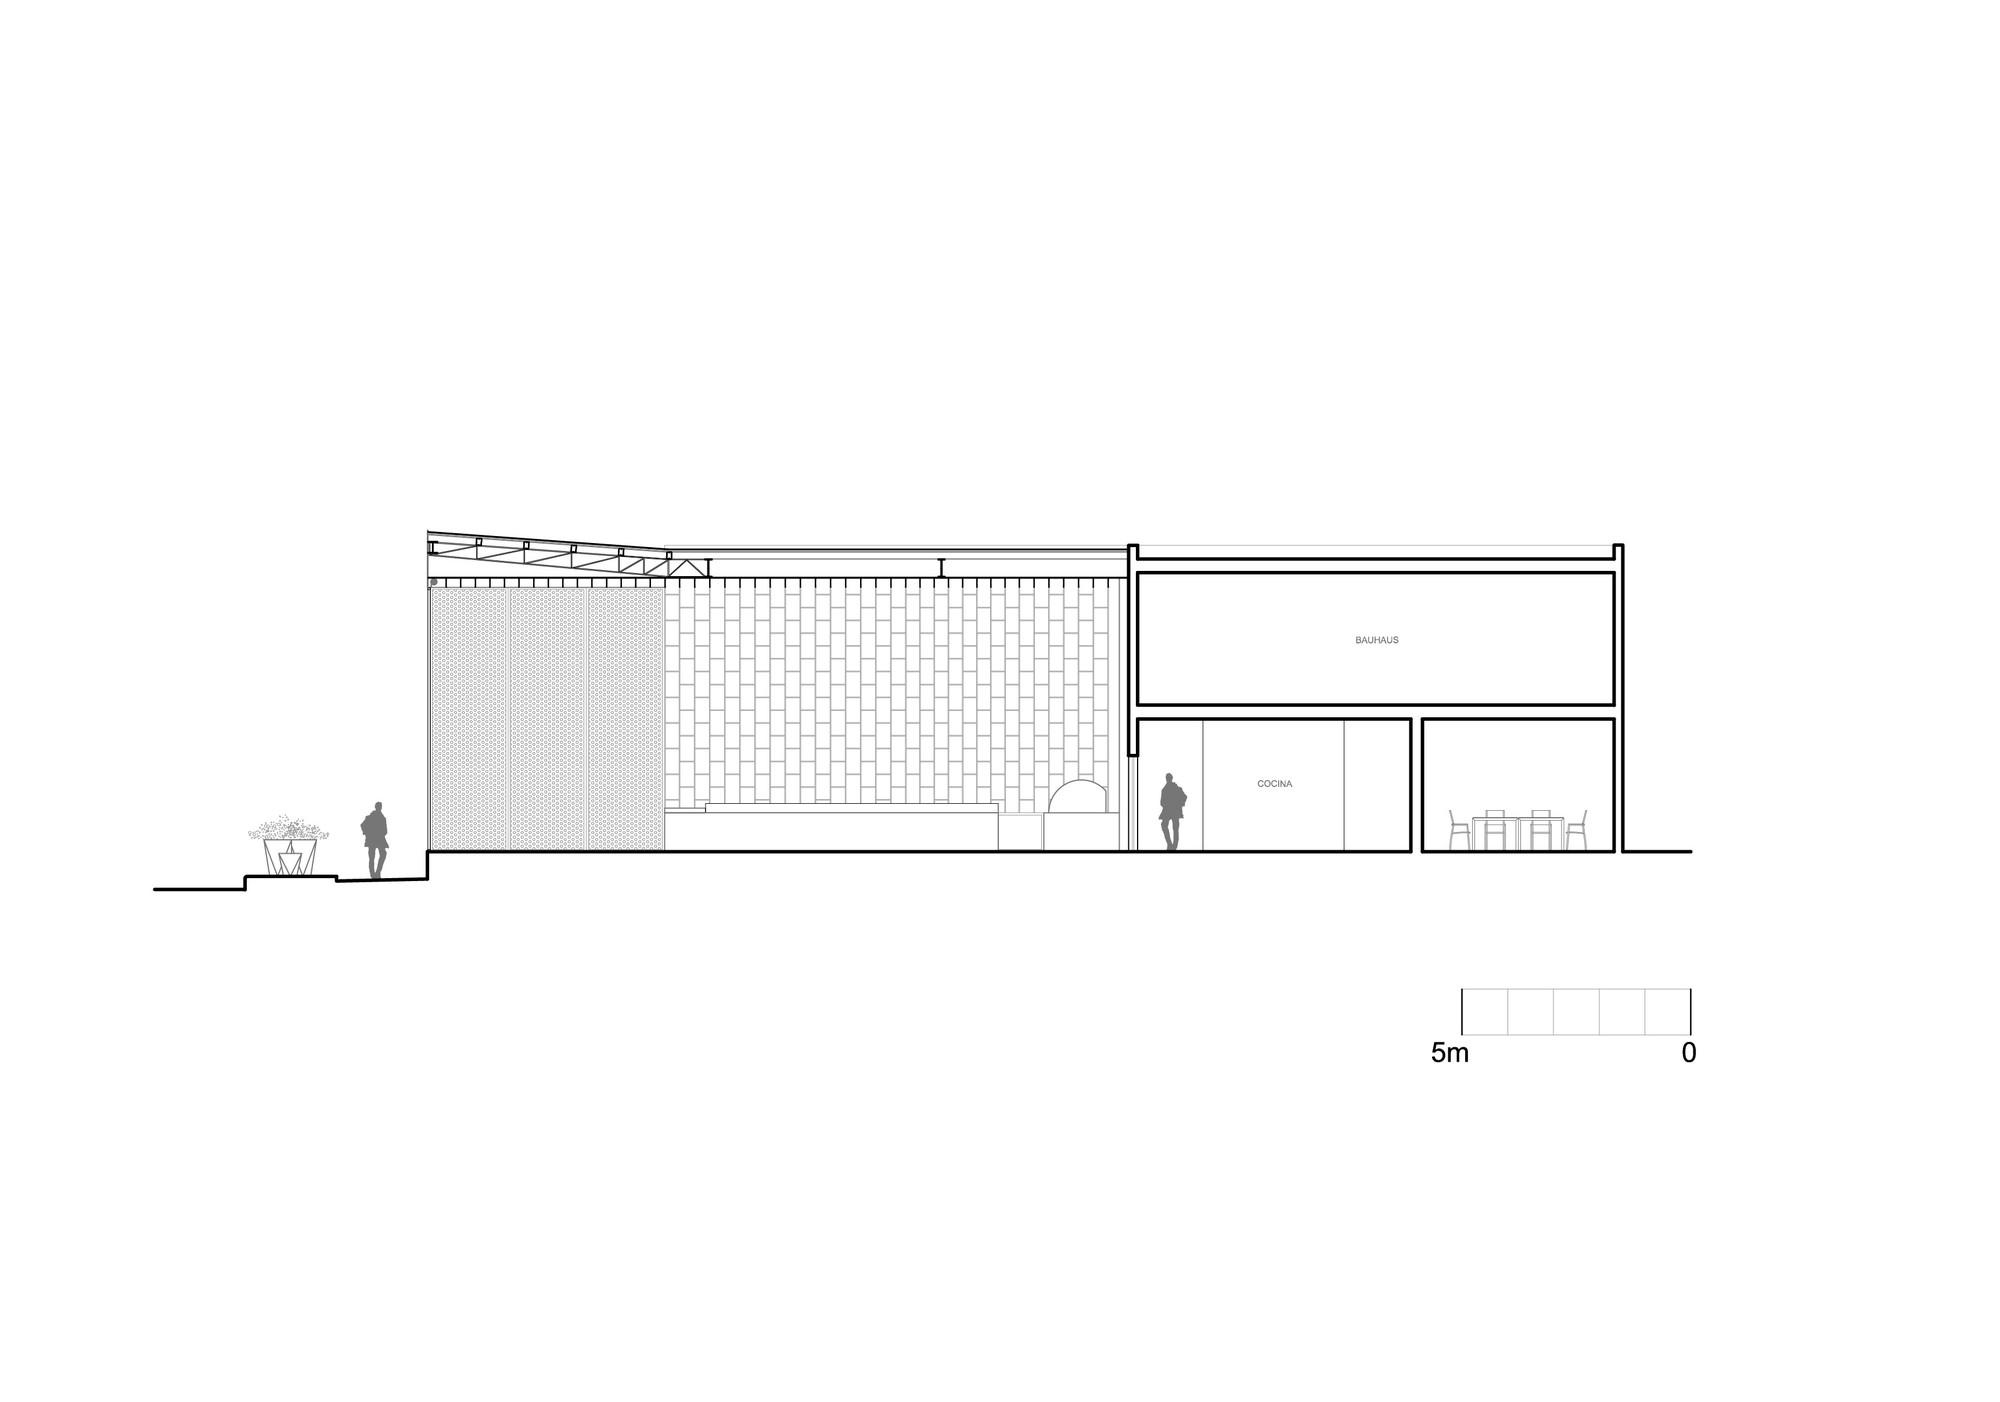 Gallery Of Lc Bar Regaa Estudio Arquitectura 10